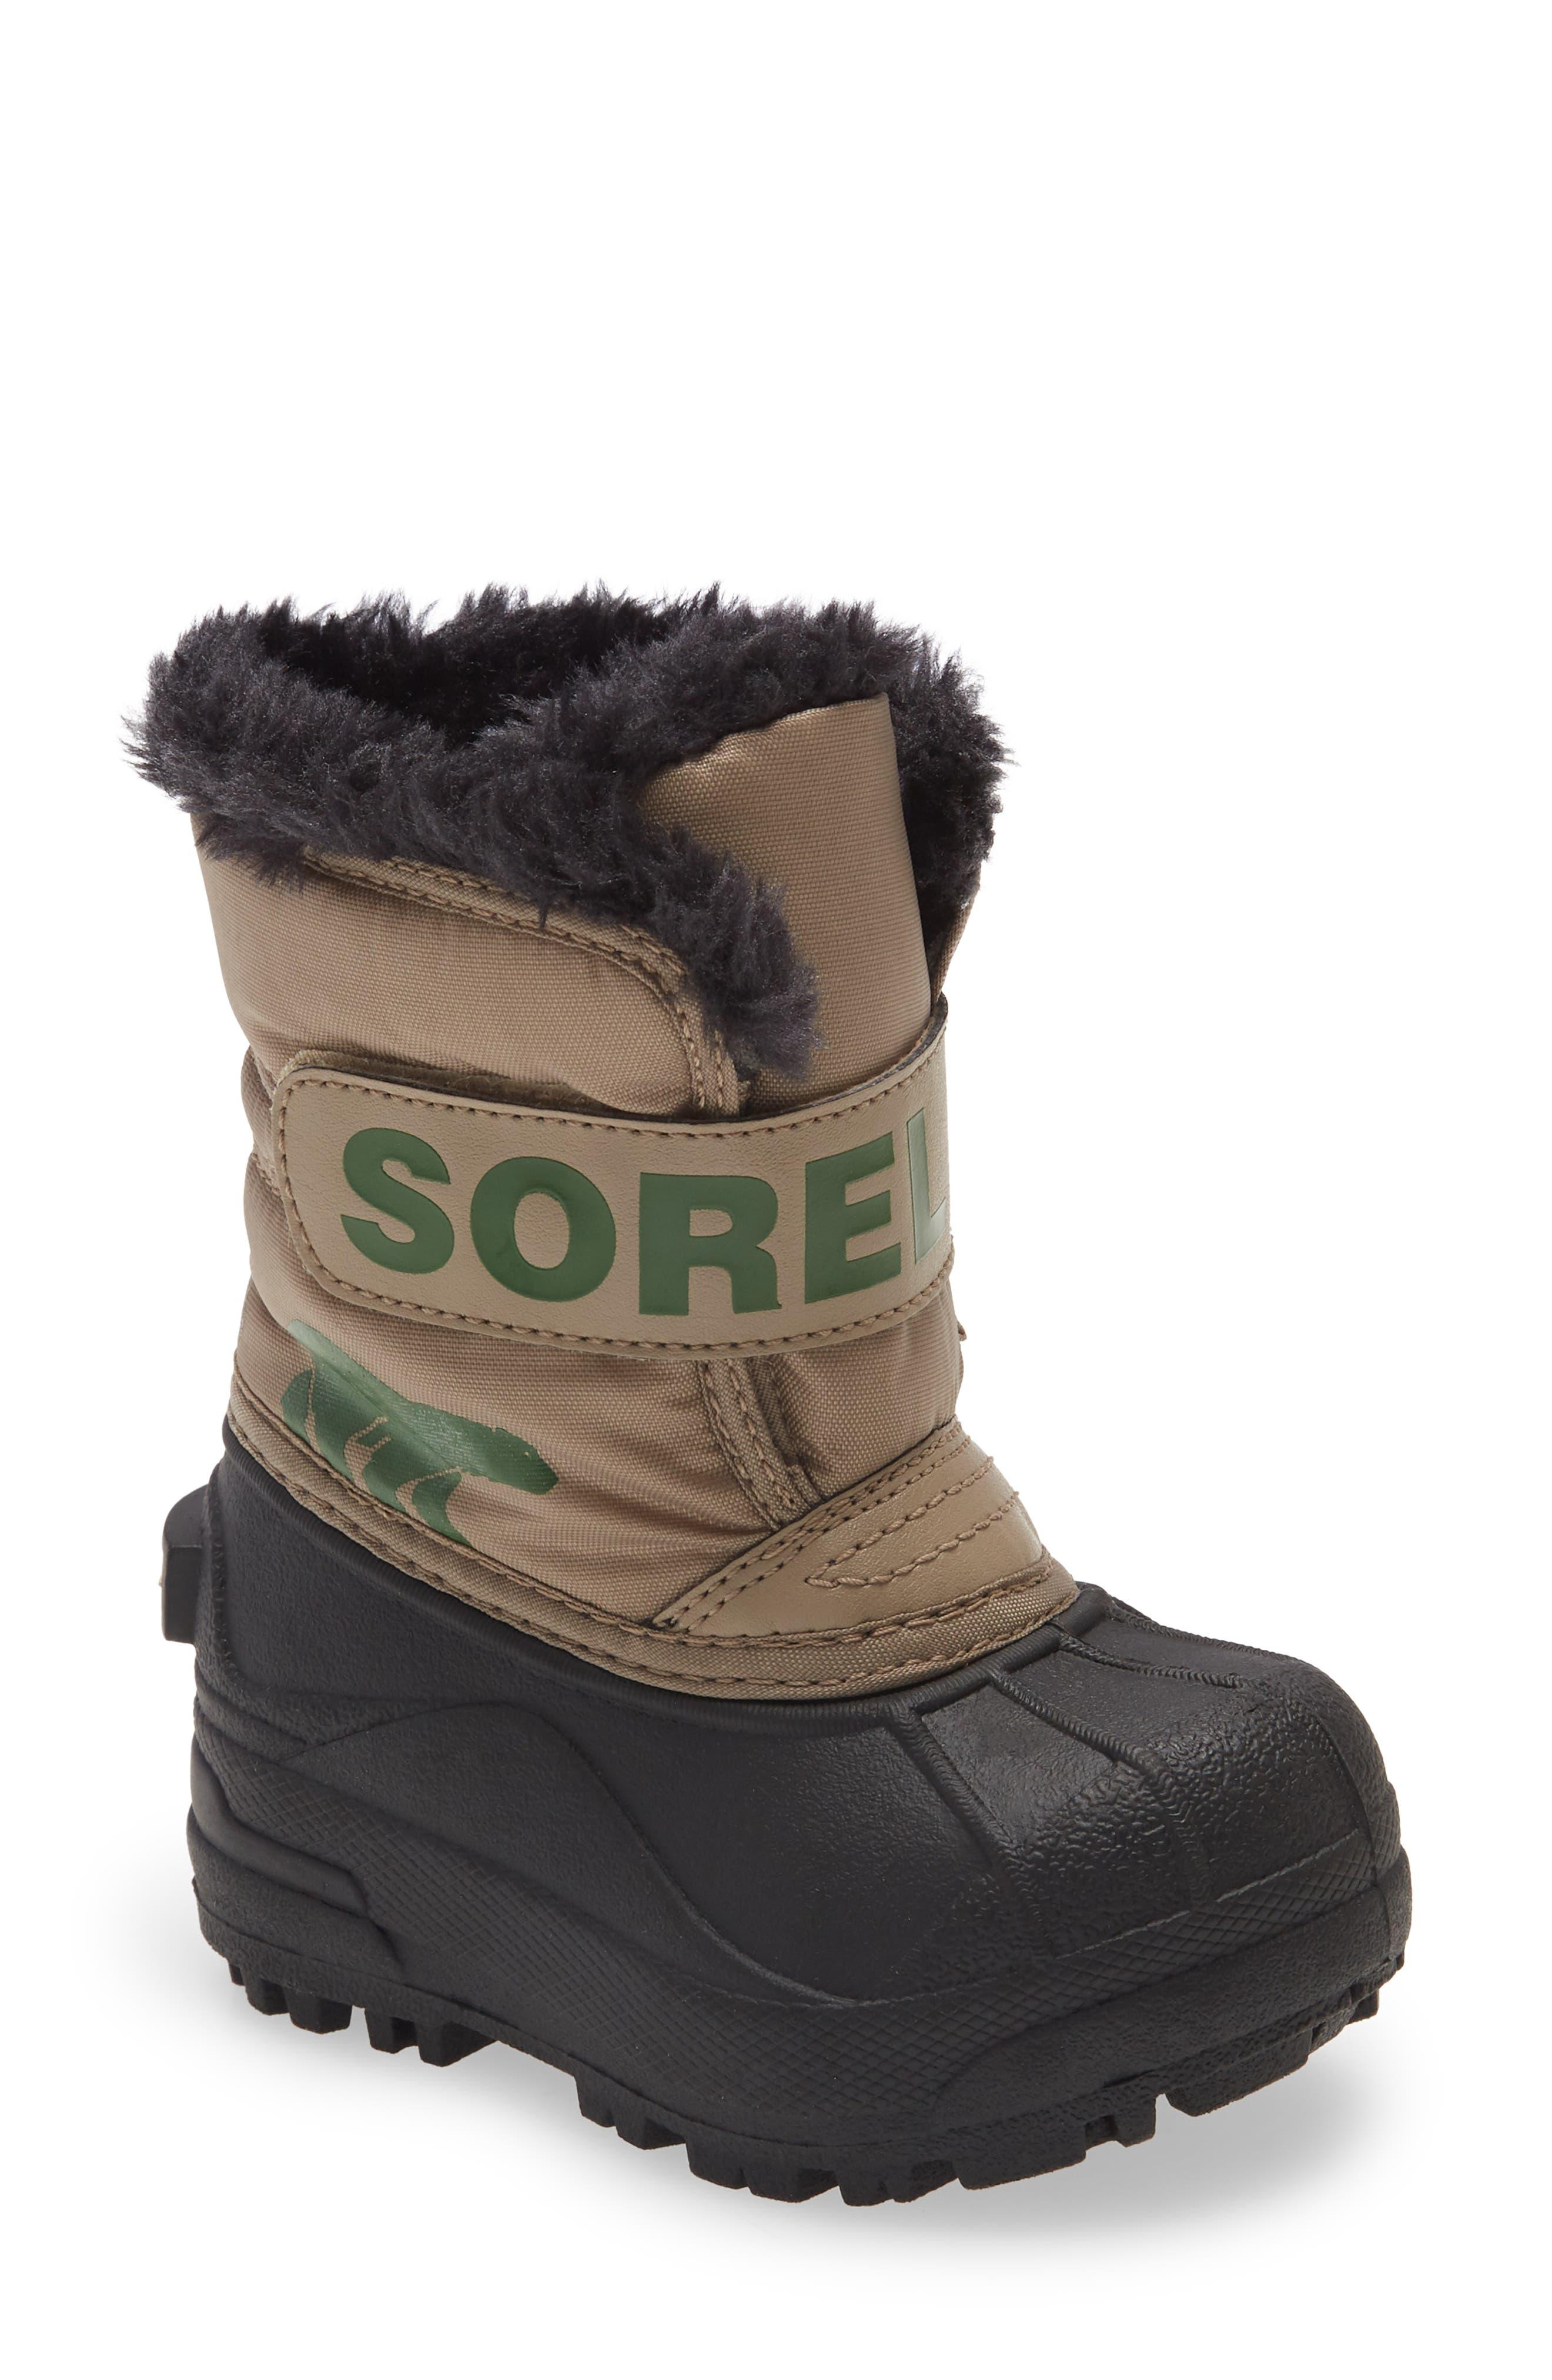 SOREL Snow Commander Insulated Waterproof Boot (Baby & Walker) | Nordstrom